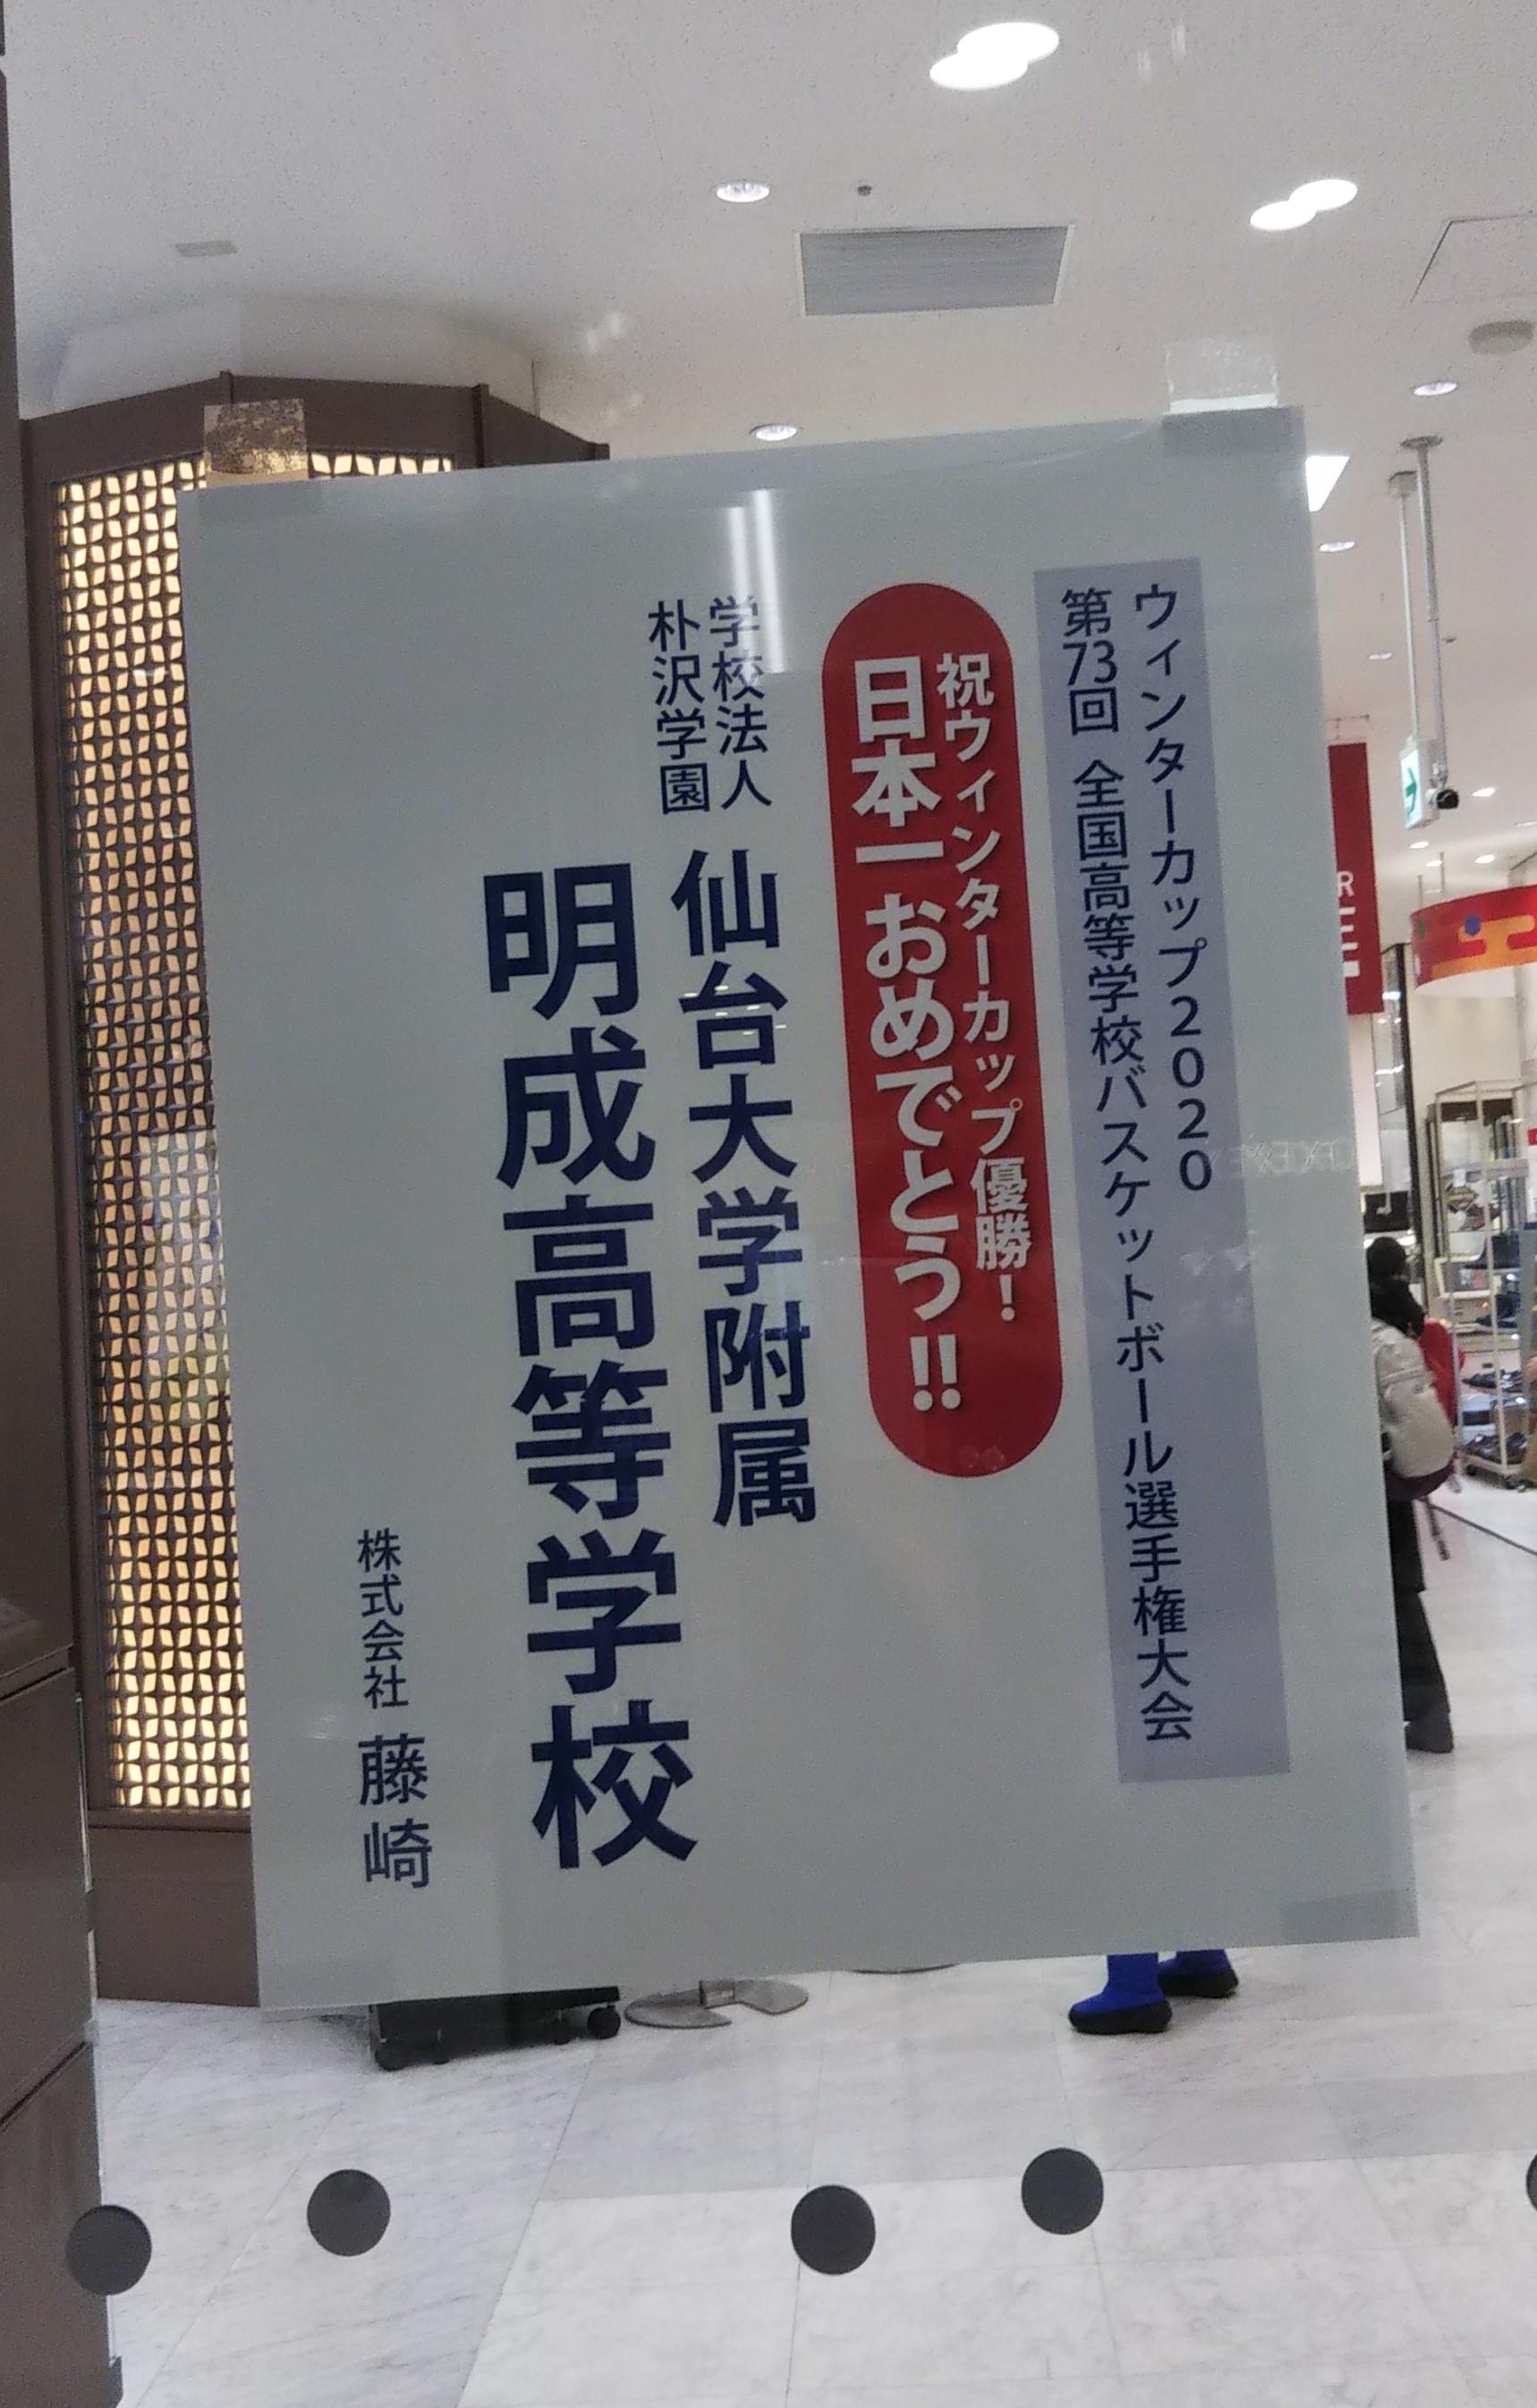 【男子バスケ】藤崎デパート入口にお祝いメッセージを表示いただきました。